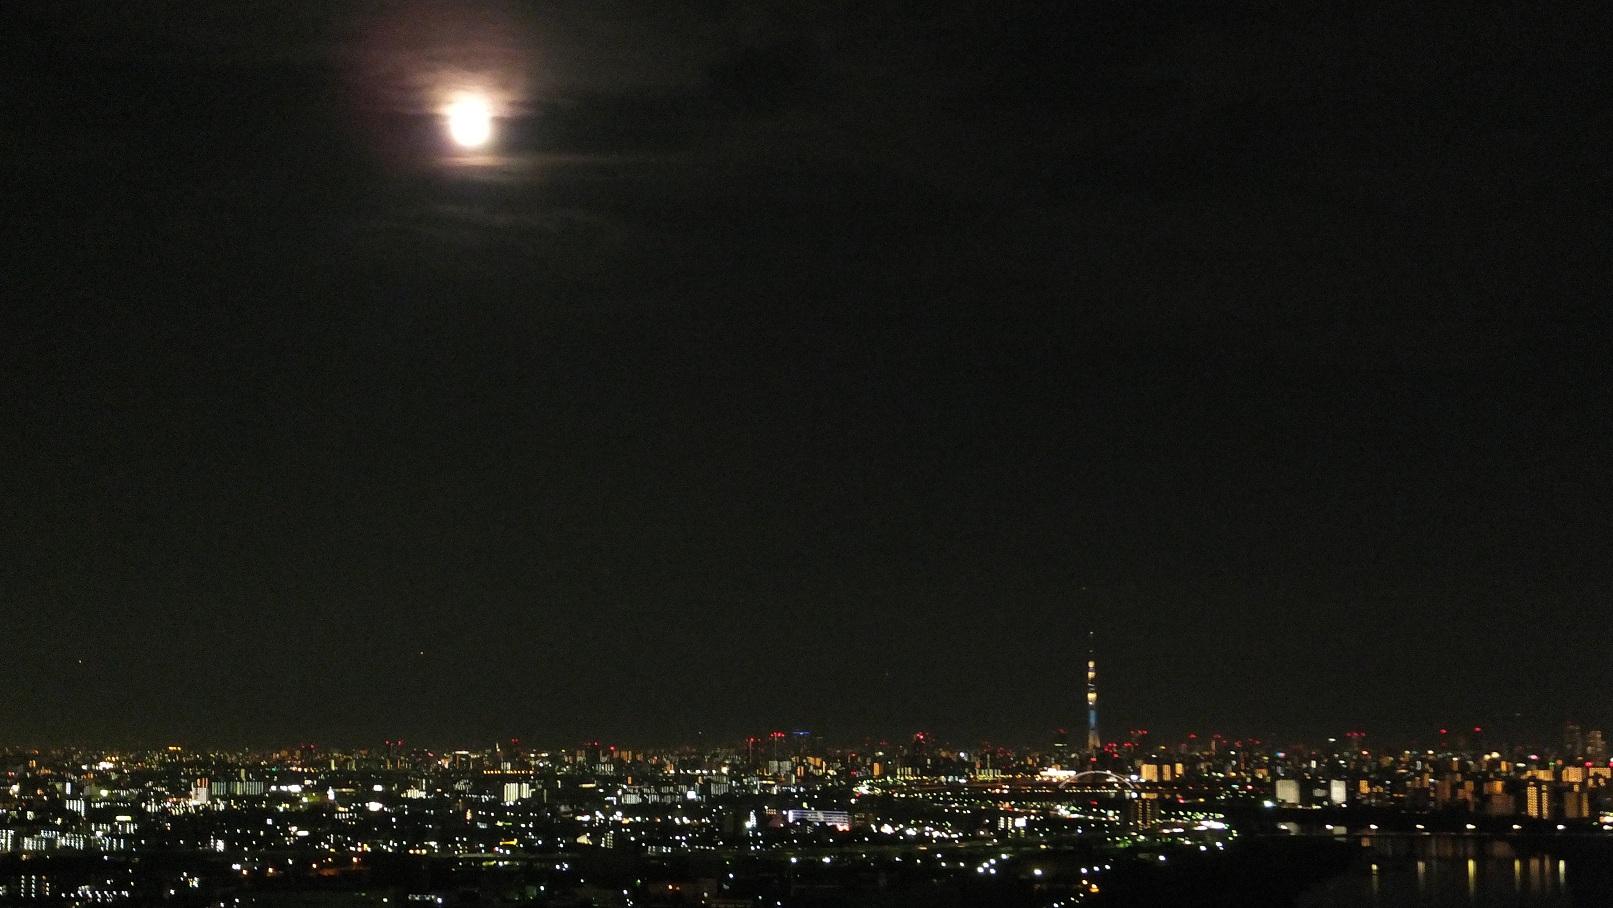 ワイド写真 東京スカイツリー夜景 Skytree Night View 写真の旅 世界